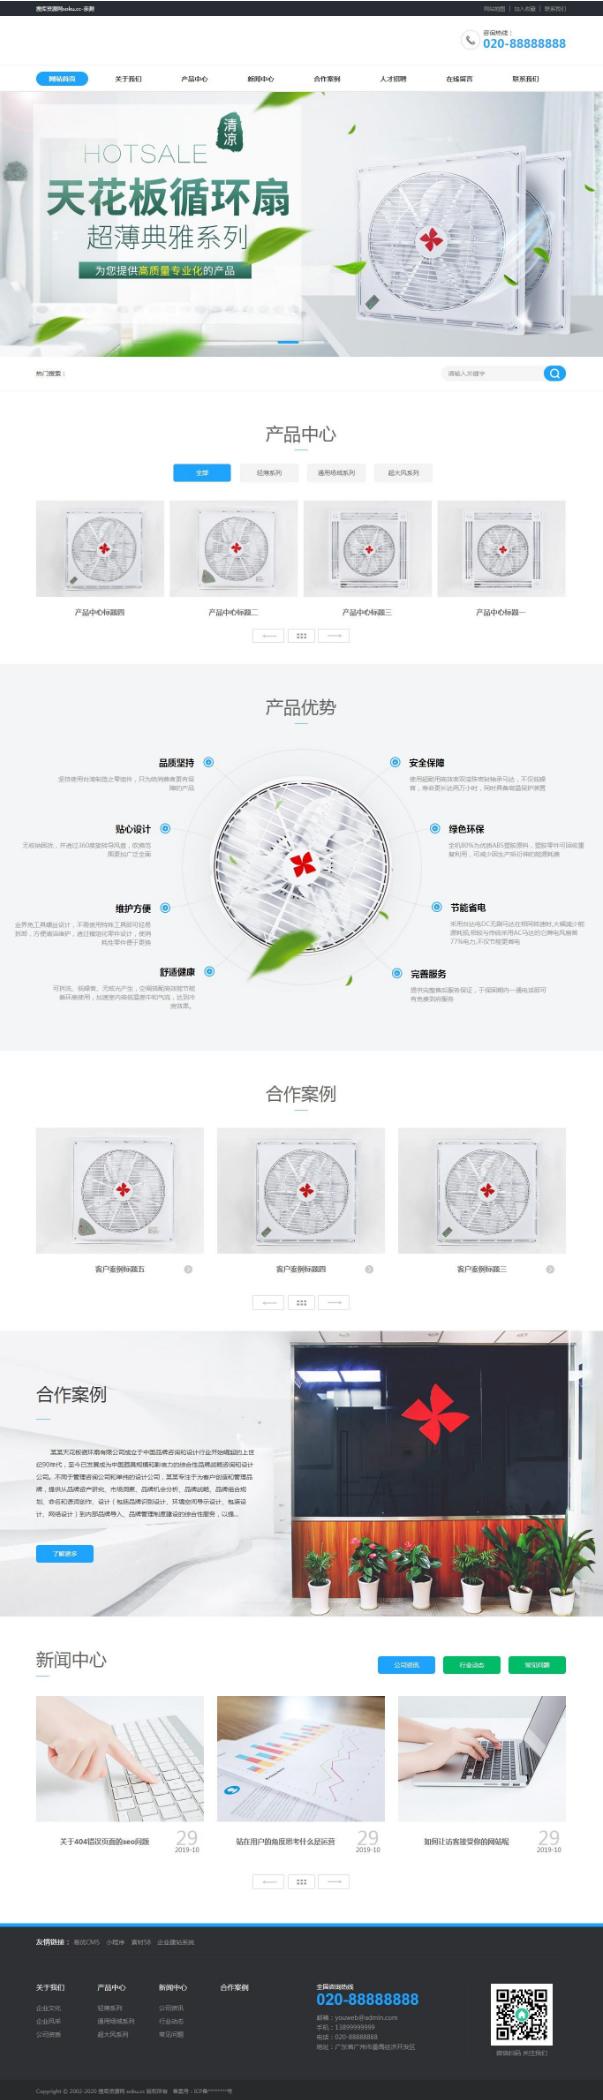 织梦最新营销型天花板循环扇类网站源码 塔扇风扇空调扇等制冷设备等设备展示模板 第1张